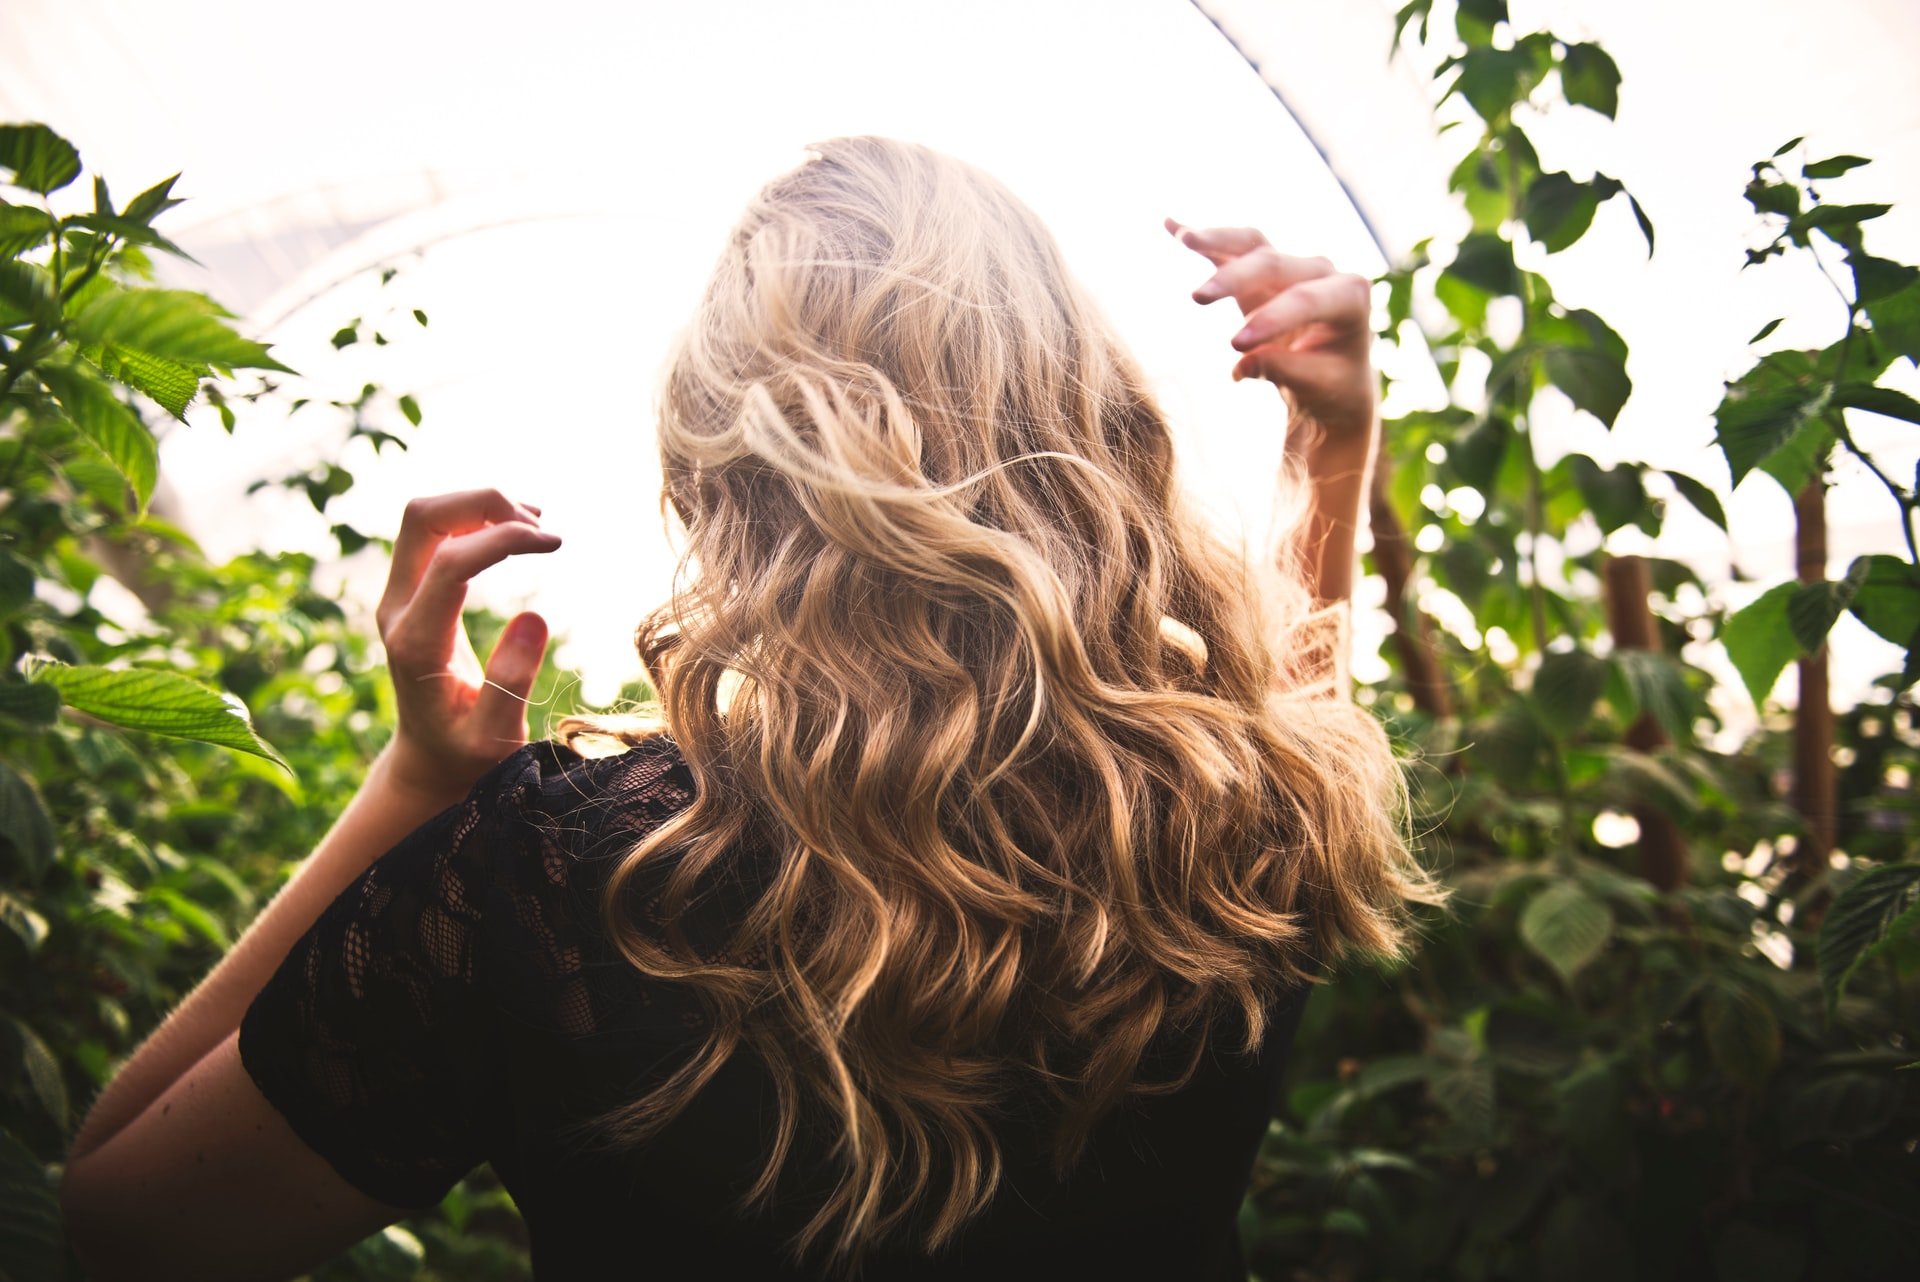 Μυστικά μαλλιών: Πώς θα έχεις υγιή και εκθαμβωτικά μαλλιά